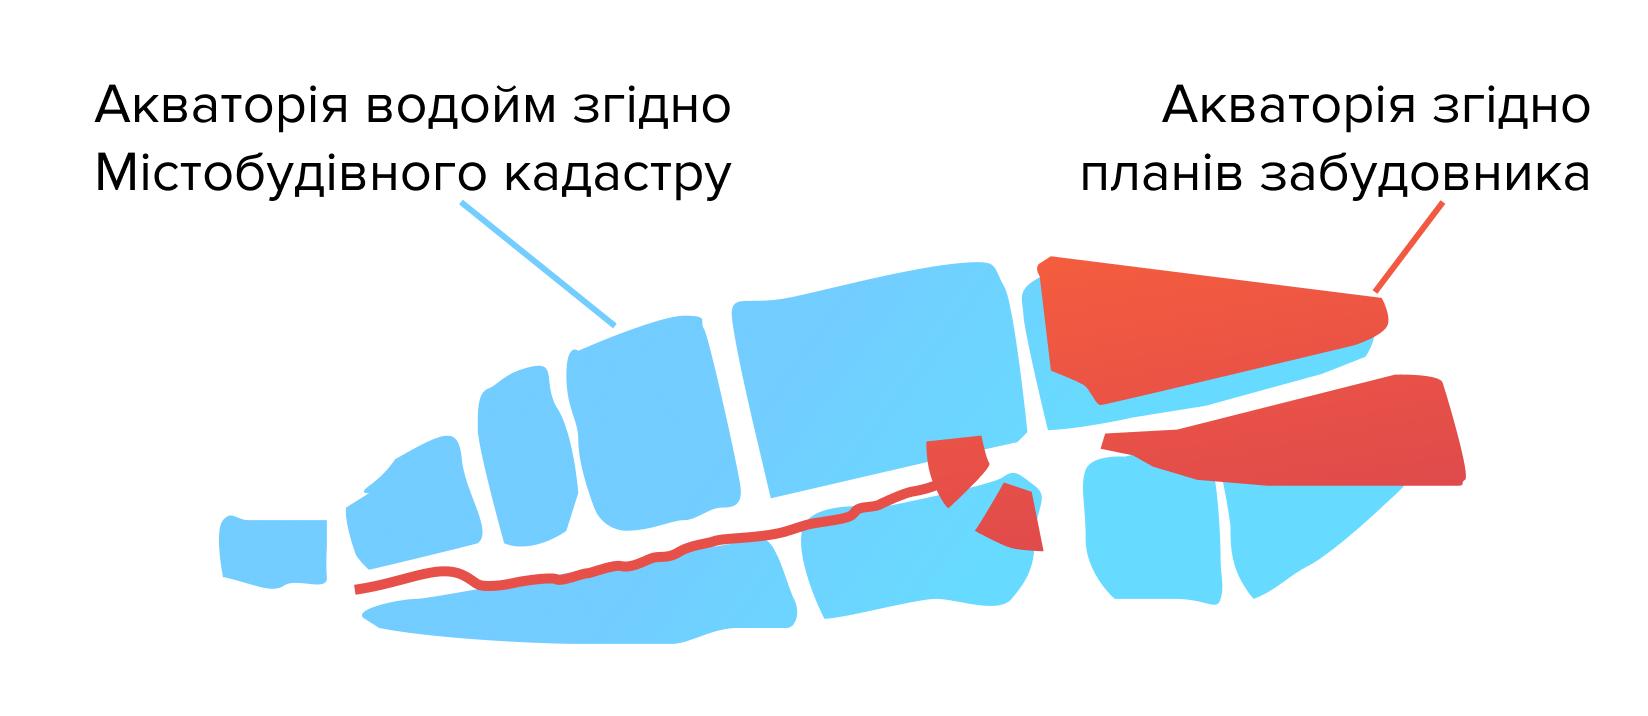 Инфографика, Андрей Яницкий